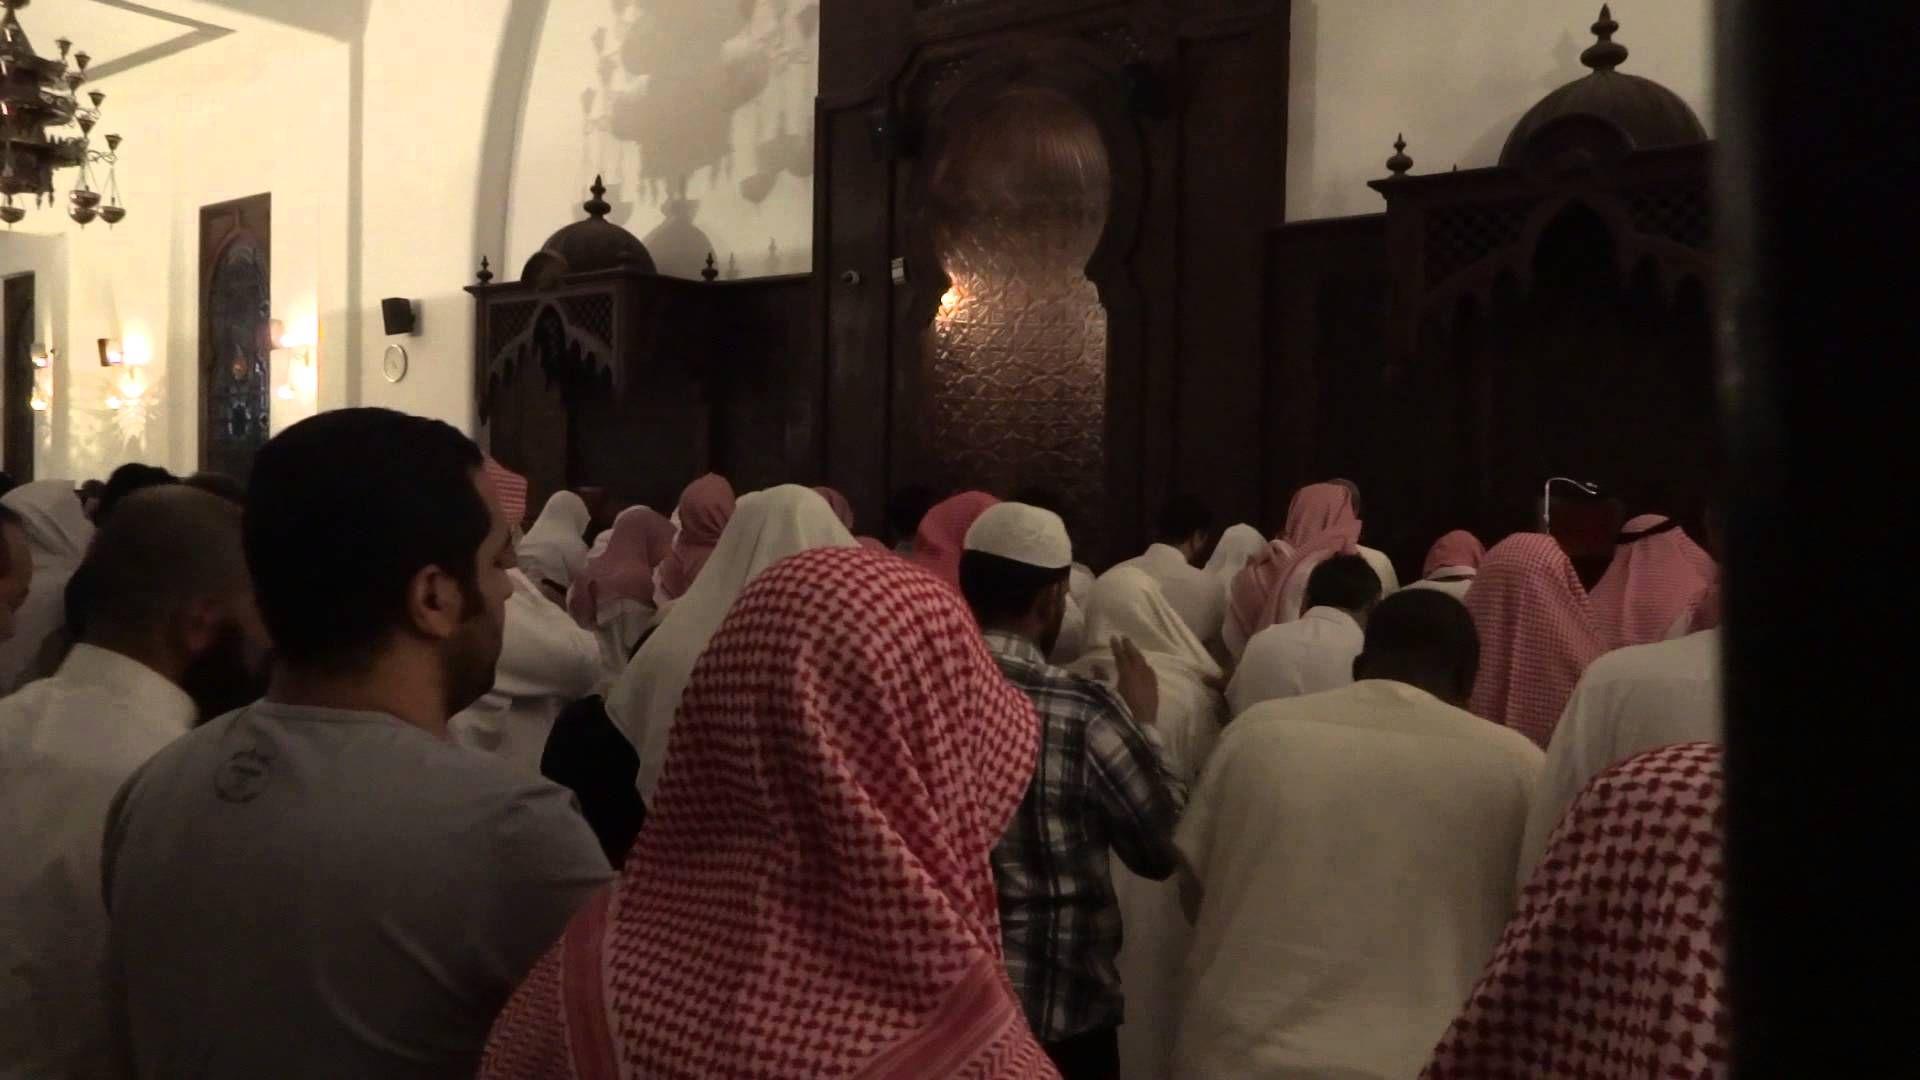 إن تعذبهم فإنهم عبادك وإن تغفر لهم فإنك أنت العزيز الحكيم التسليمة4 خالد الجليل ليلة16 رمضان 1436